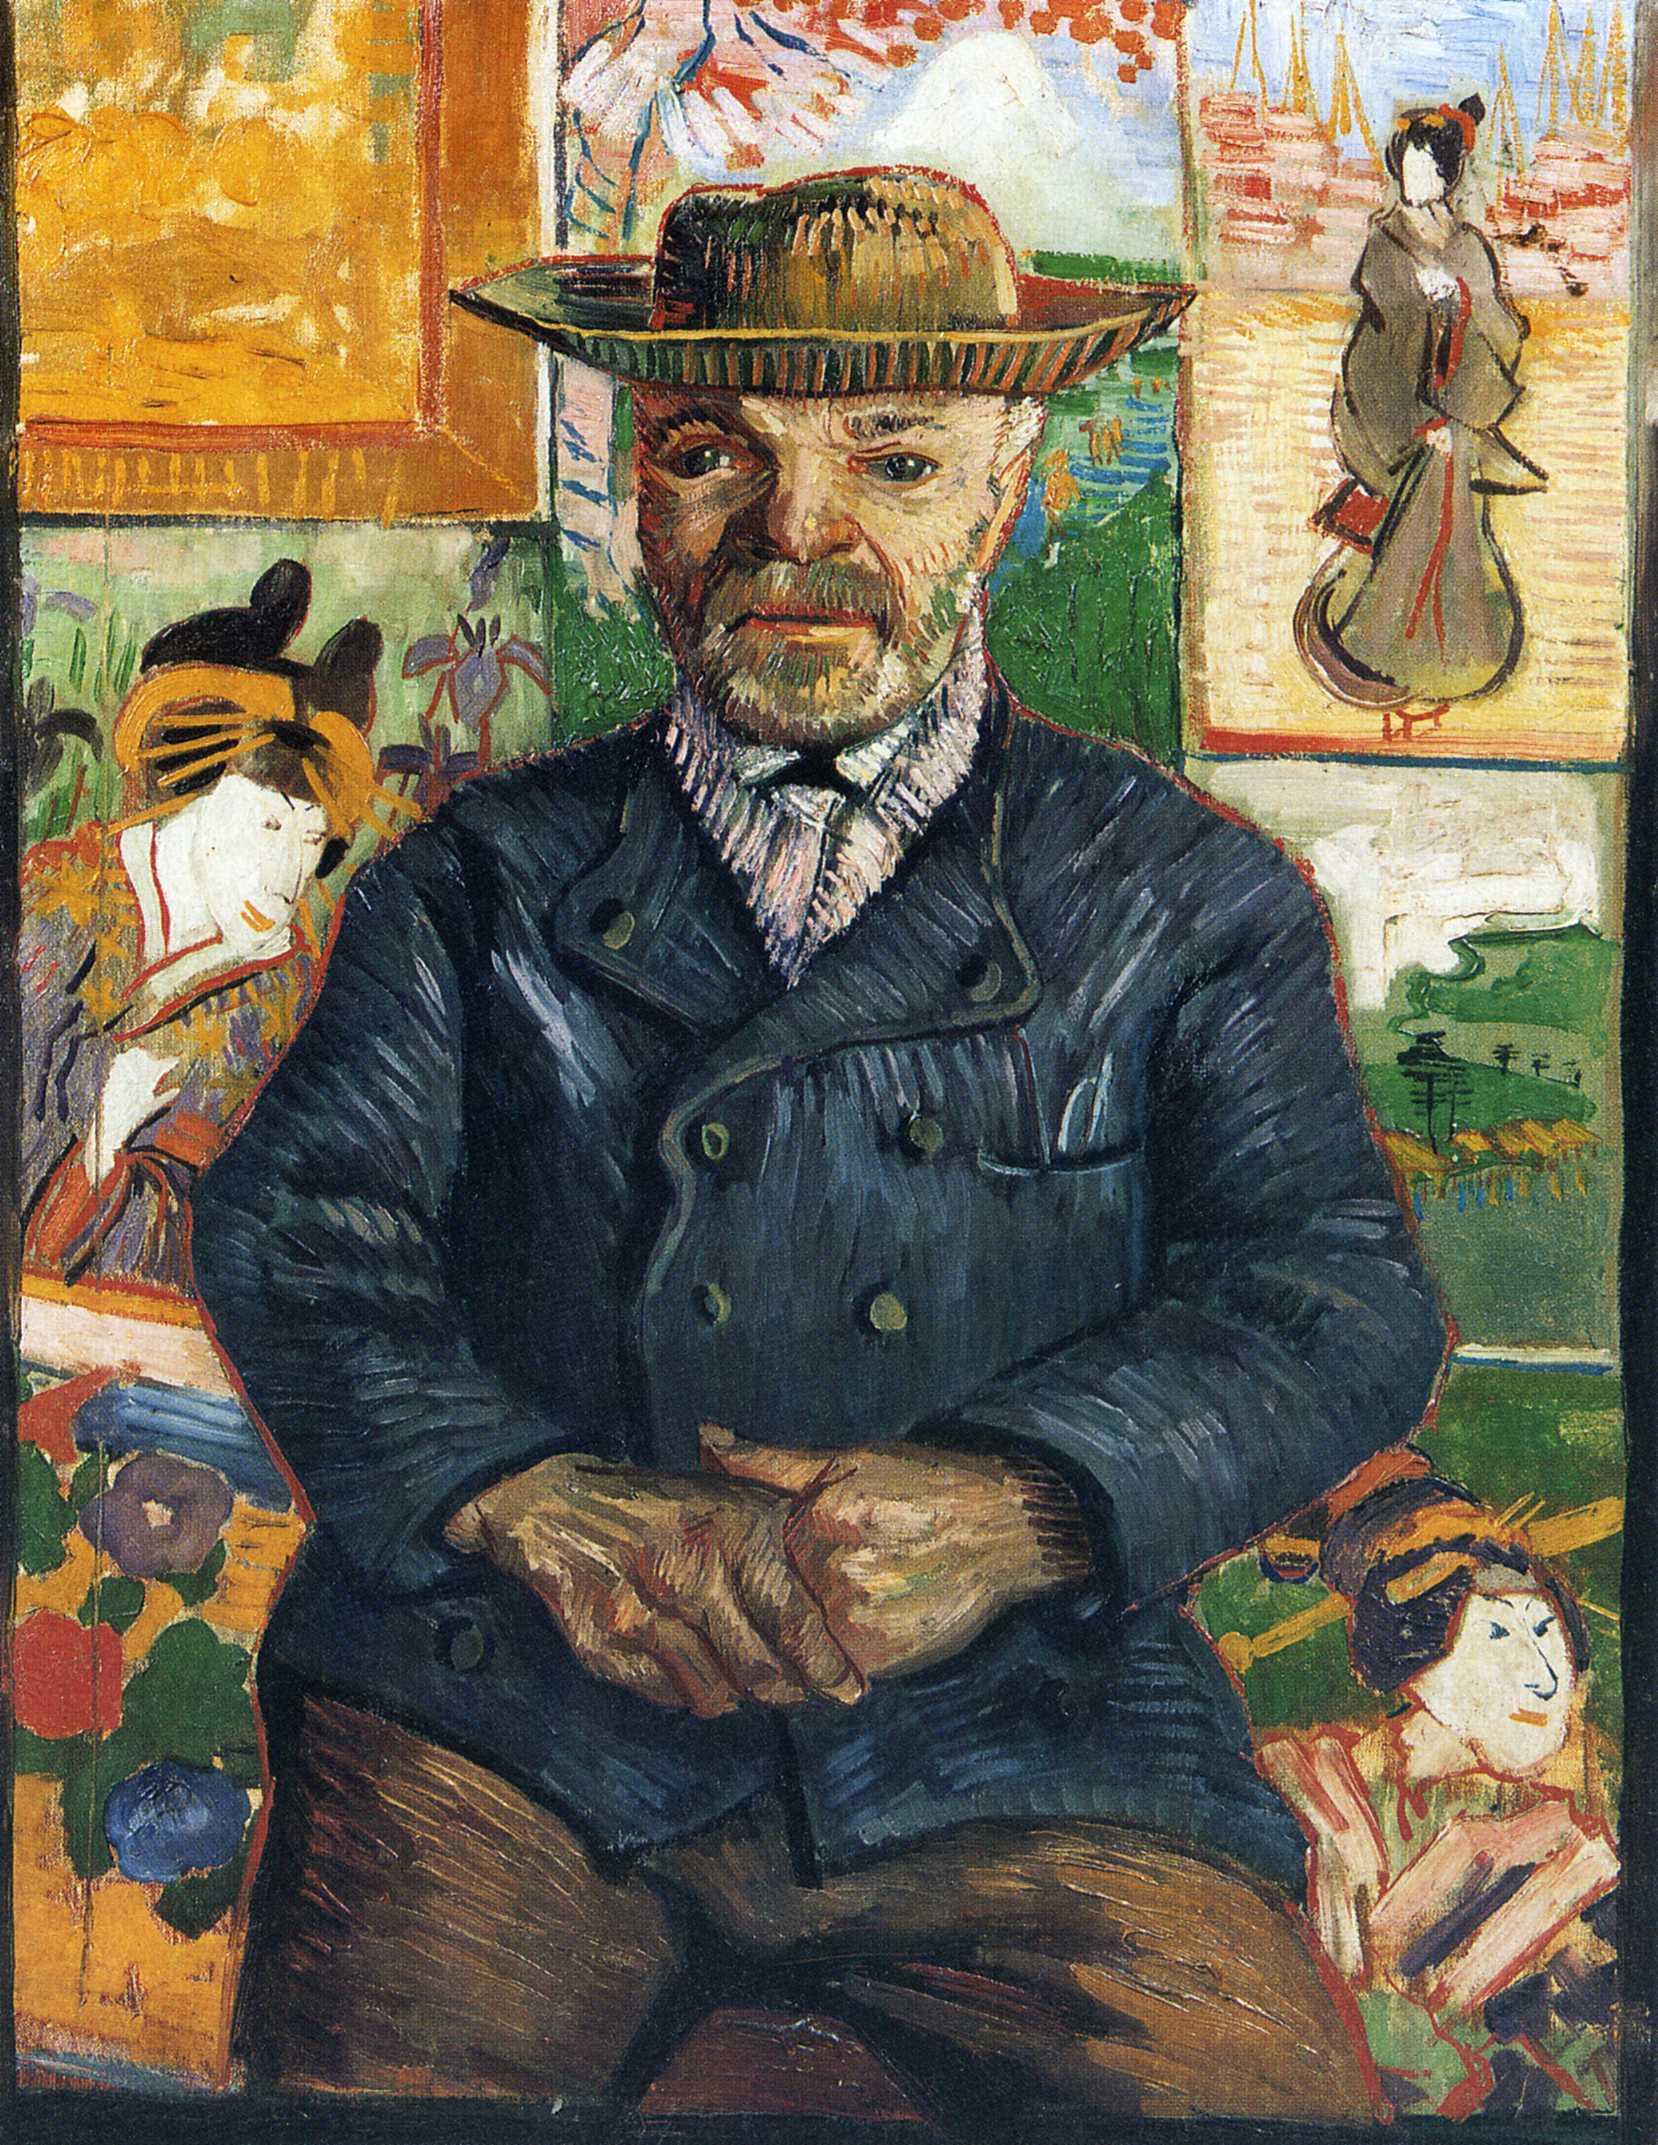 Portrait of Père Tanguy, 1888 - Vincent van Gogh - WikiArt.org